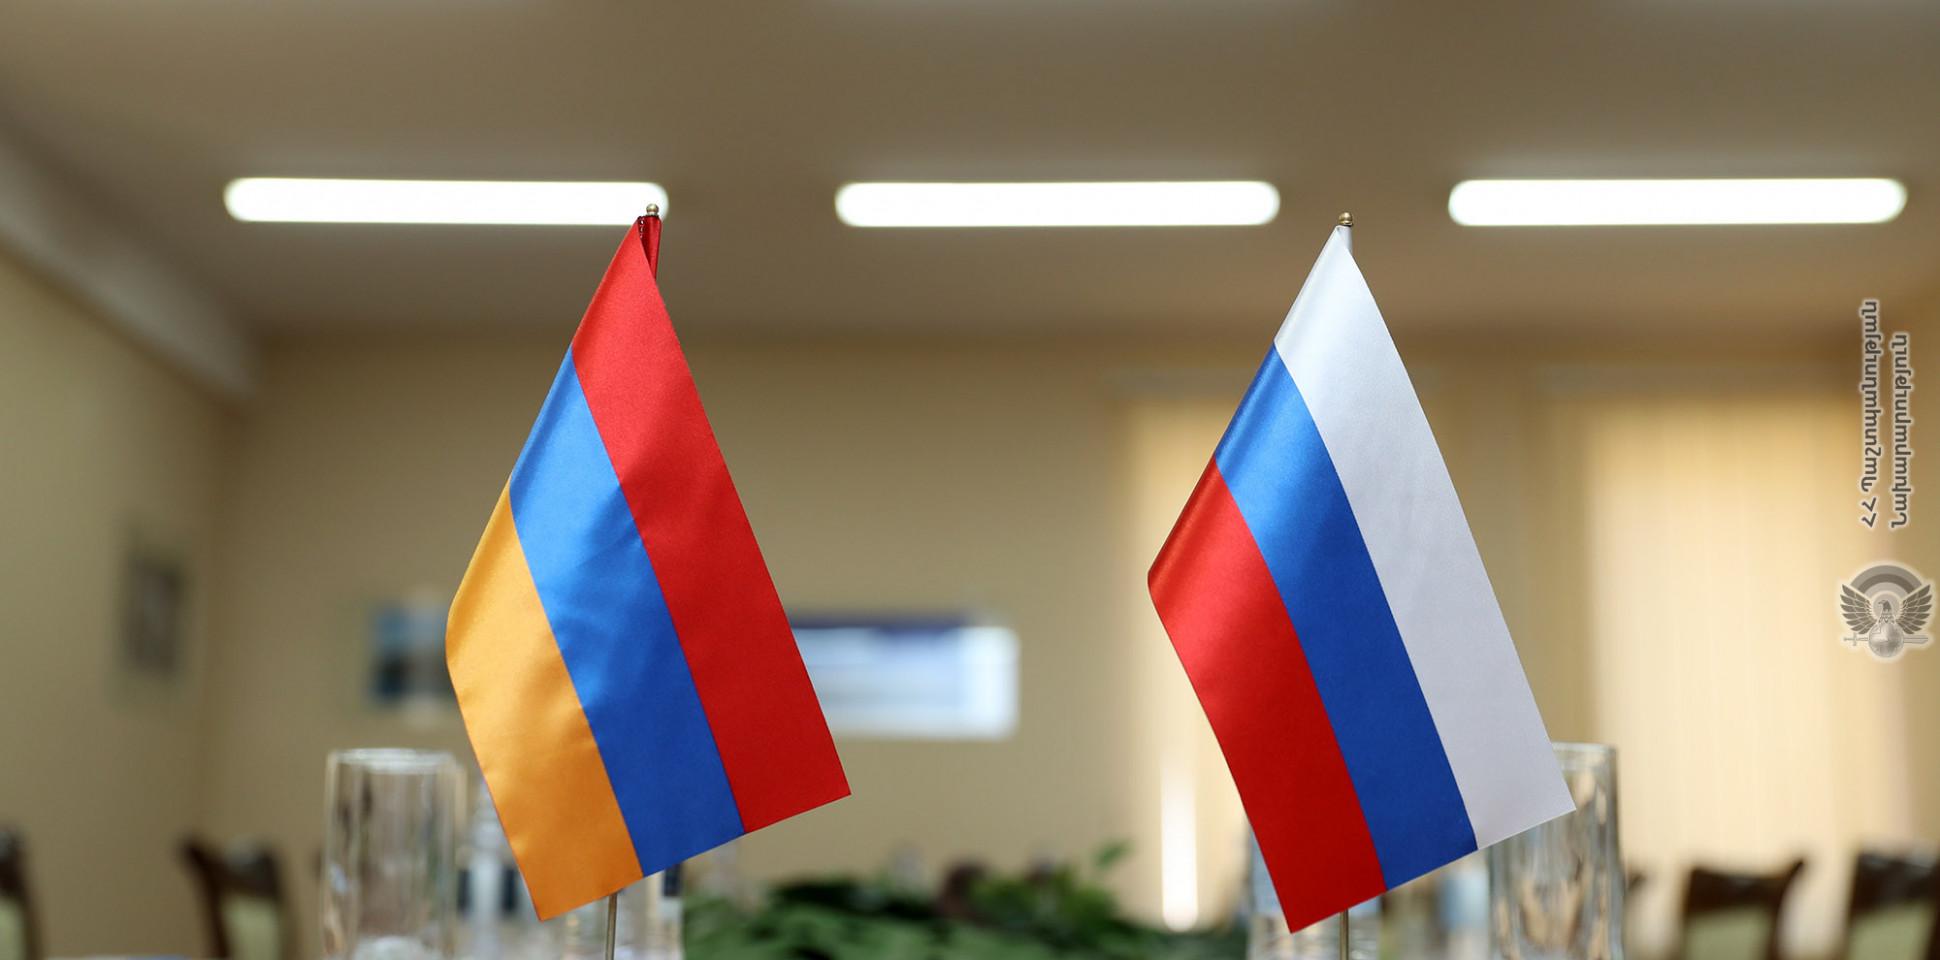 ՀՀ ՊՆ աշխատանքային խումբը մեկնել է Մոսկվա